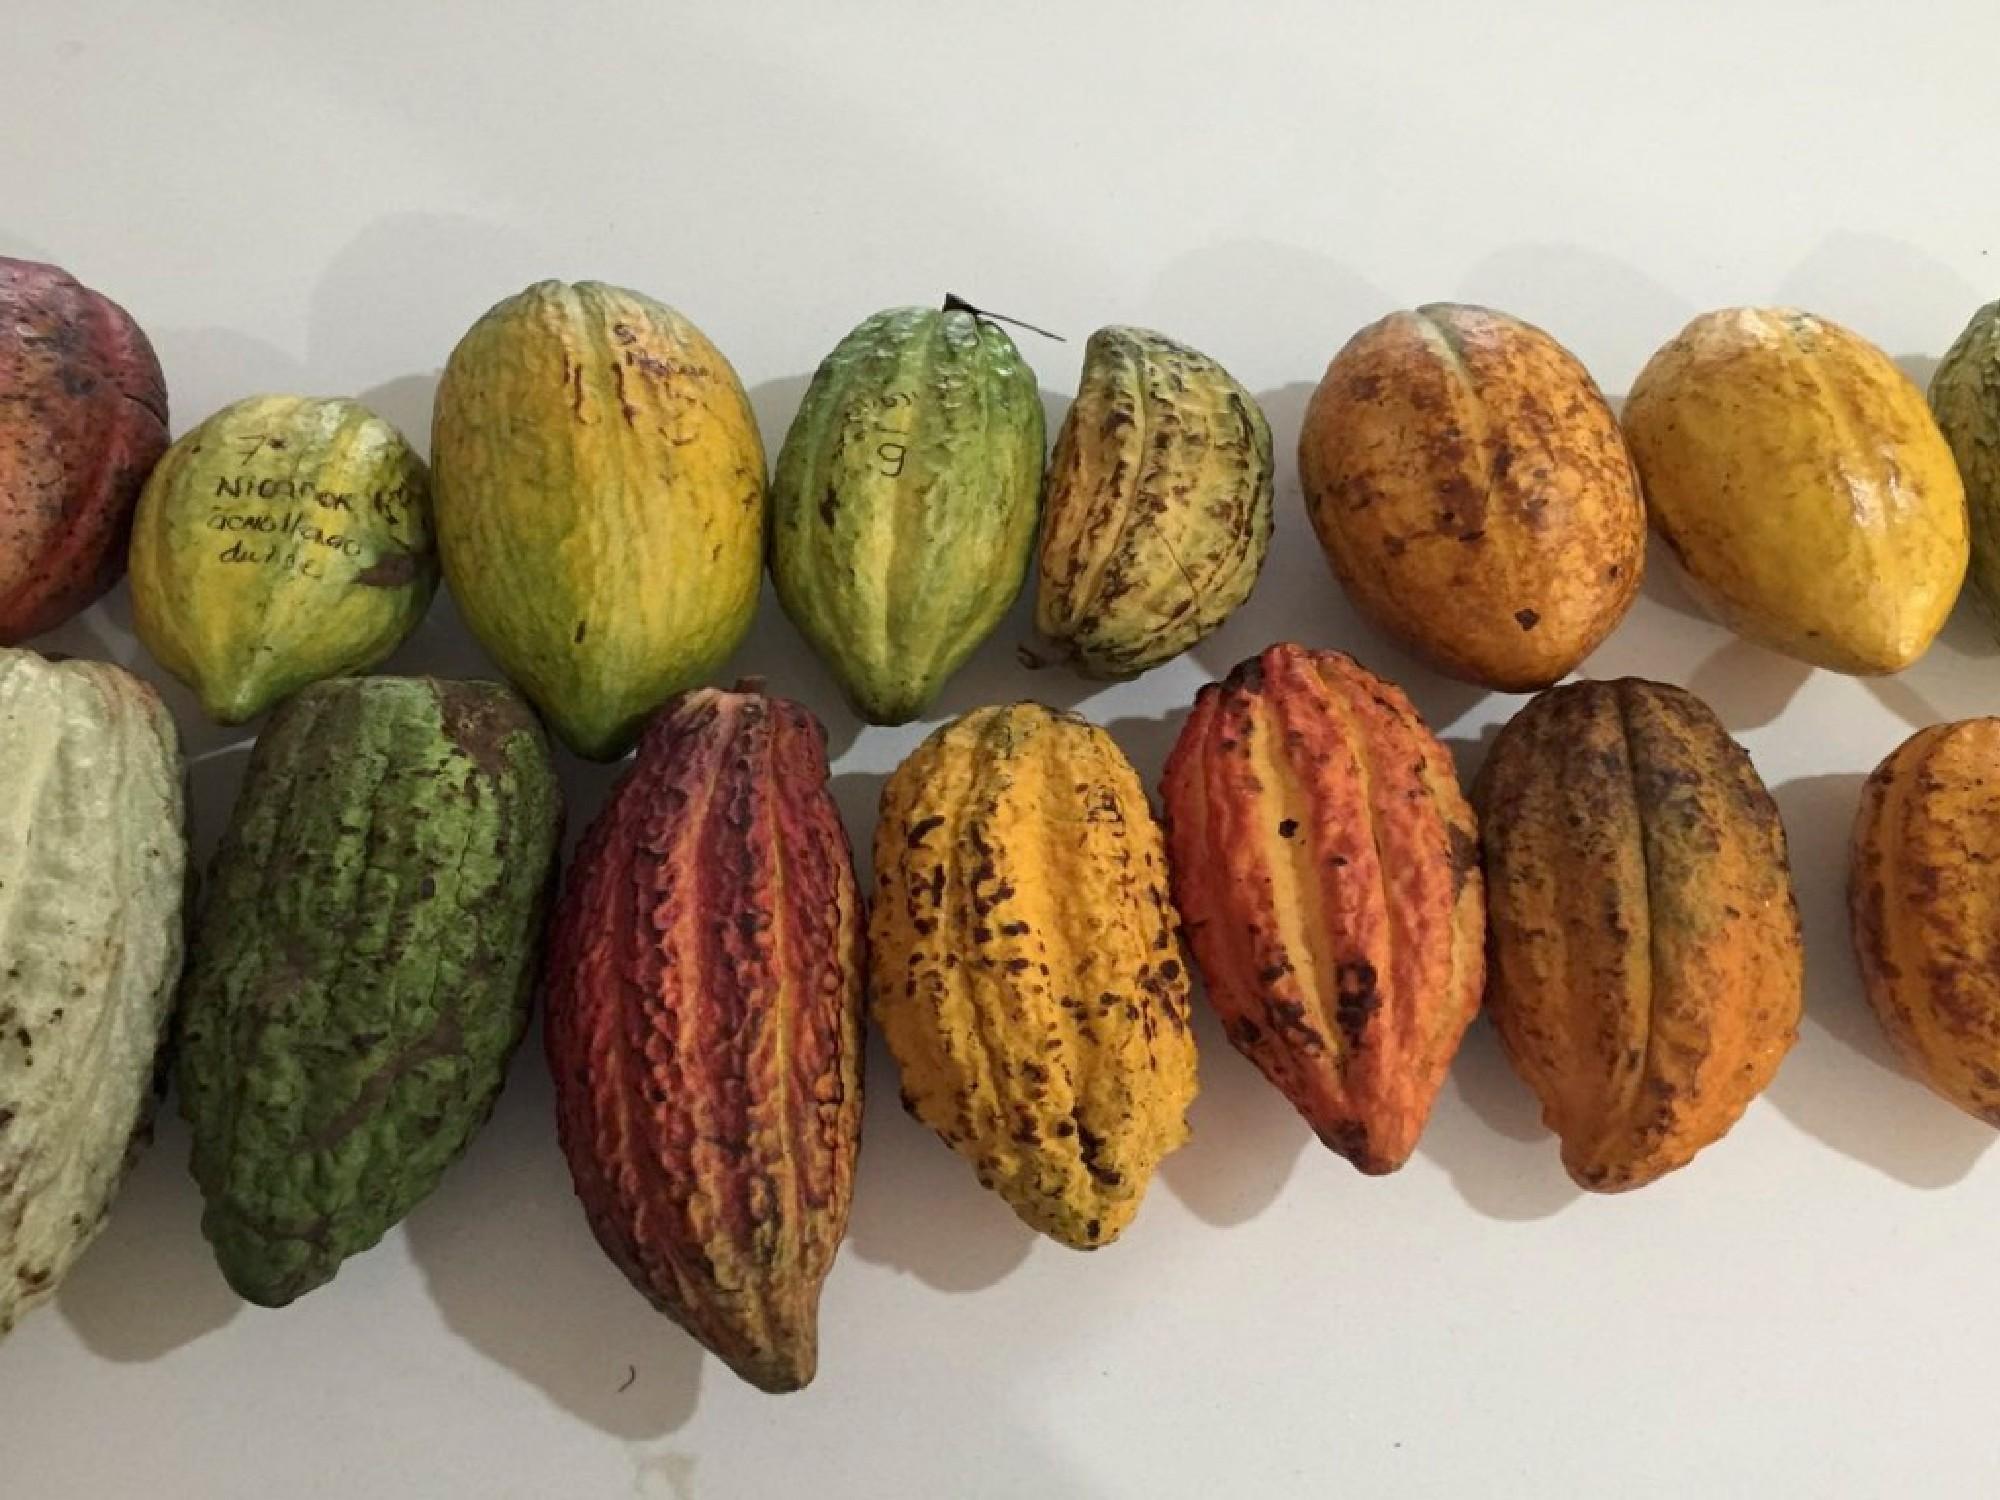 Estudio de asociación de genoma del cacao revela nuevos genes candidatos asociados a la productividad